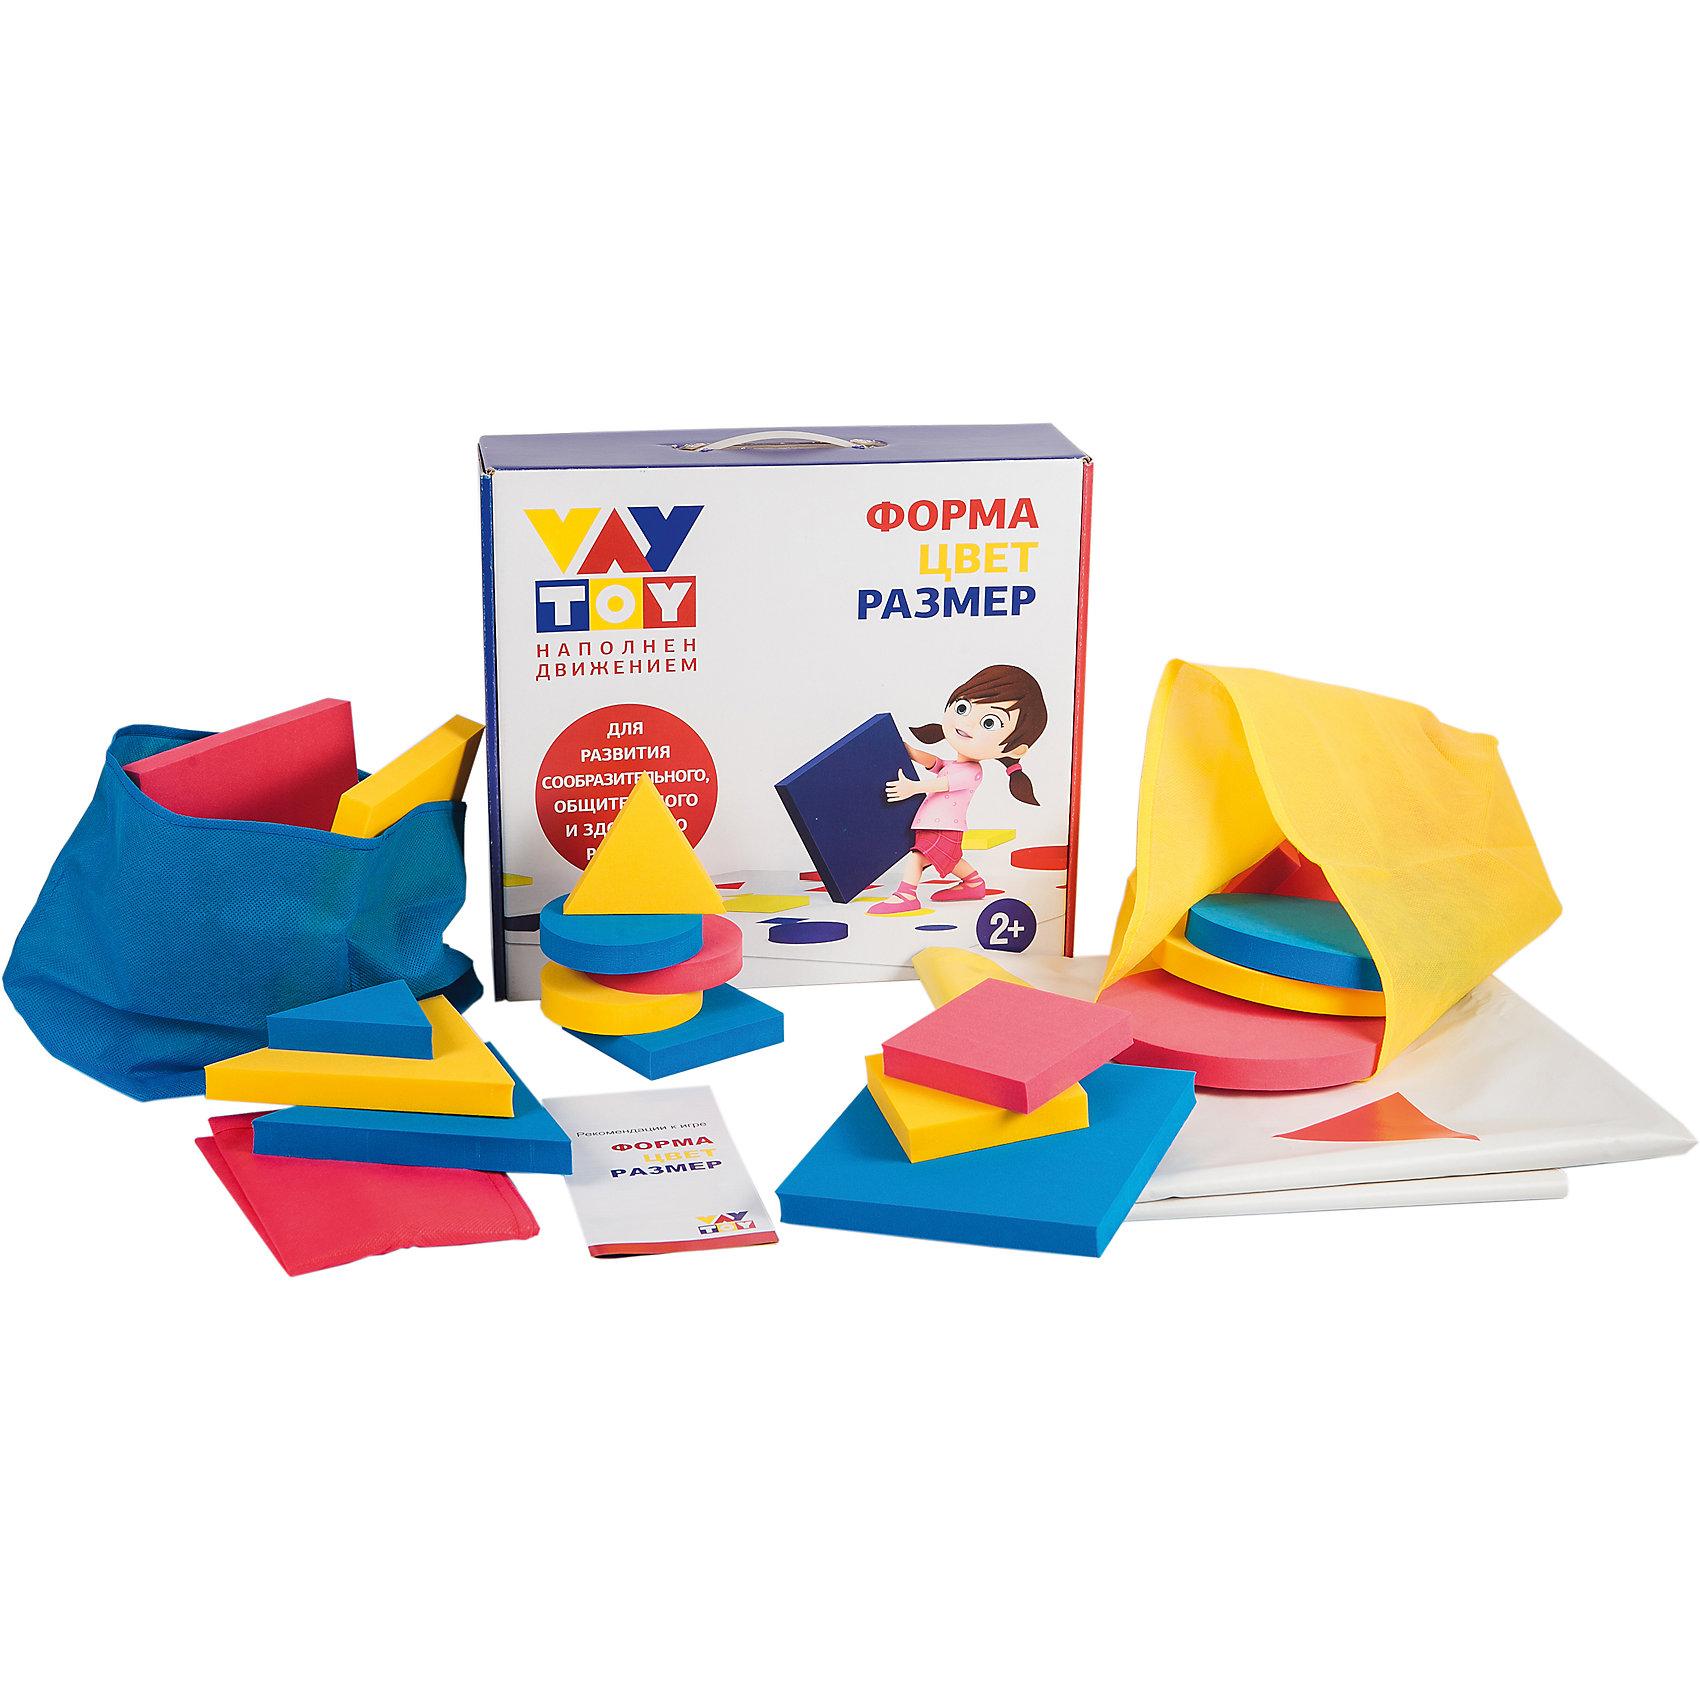 Развивающая игра Форма, цвет, размерУмница<br>Характеристики:<br><br>• Вид игр: обучающие, развивающие<br>• Серия: Развивающие игры<br>• Материал: картон, полимер<br>• Комплектация: игровое поле, 18 геометрических фигур, мешочки для фигур, брошюра с вариантами игр<br>• Тип упаковки: картонная коробка с ручкой<br>• Размеры упаковки (Д*Ш*В): 38*34,5*95 см<br>• Вес в упаковке: 1 кг 450 г<br>• Особенности ухода: допускается сухая и влажная чистка<br><br>Развивающая игра Форма, цвет, размер состоит из набора напольного игрового поля размером 1,5*1,4 м,  18 объемных геометрических фигур: круг, квадрат, треугольник, 3-х мешочков и пособия для родителей. В руководстве описаны 10 вариантов игр разной сложности, но если включить воображение и фантазию, то вариантов игр можно придумать огромное количество. Фигуры выполнены из яркого и безопасного полимера, имеют разные размеры и цвет. Их можно использовать и в качестве конструктора.<br><br>Развивающую игру Форма, цвет, размер можно купить в нашем интернет-магазине.<br><br>Ширина мм: 380<br>Глубина мм: 345<br>Высота мм: 950<br>Вес г: 1450<br>Возраст от месяцев: 36<br>Возраст до месяцев: 2147483647<br>Пол: Унисекс<br>Возраст: Детский<br>SKU: 5523188